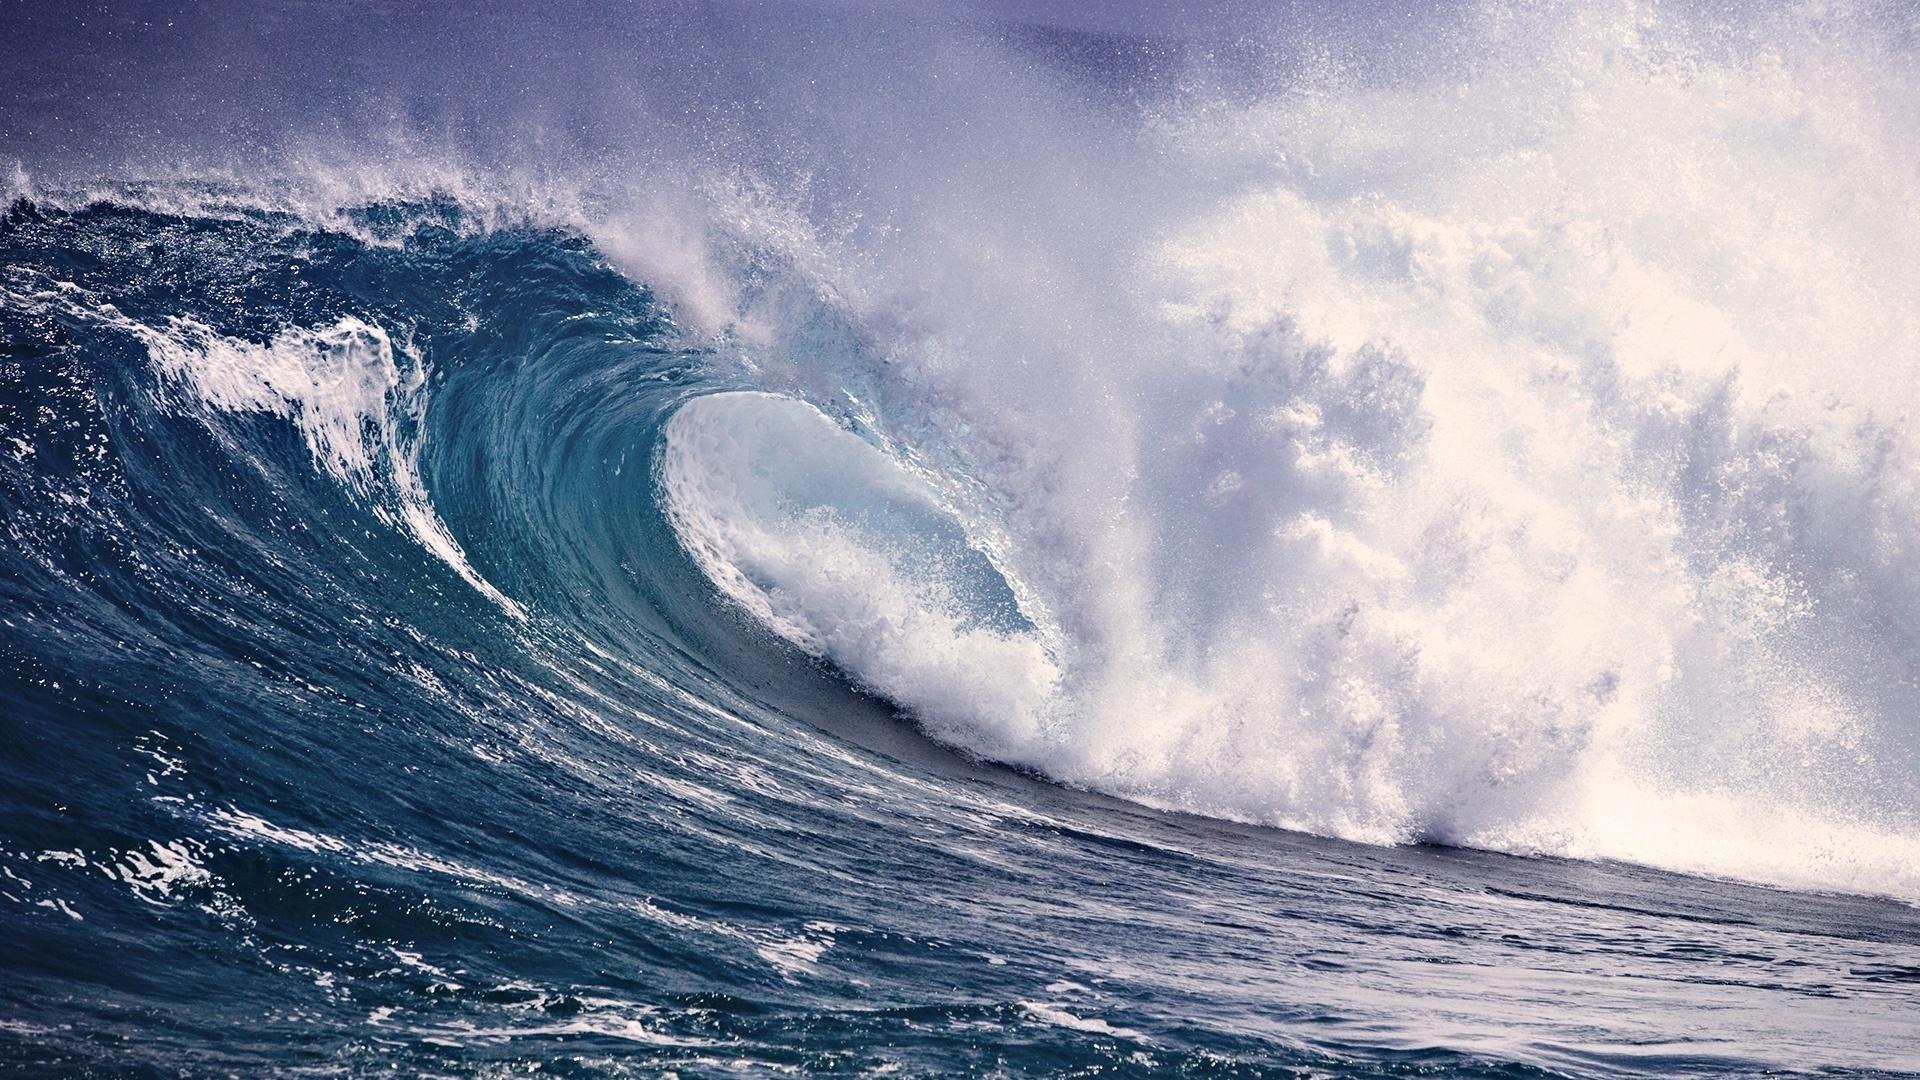 Скачать картинку Волны, Море, Пейзаж в телефон бесплатно.